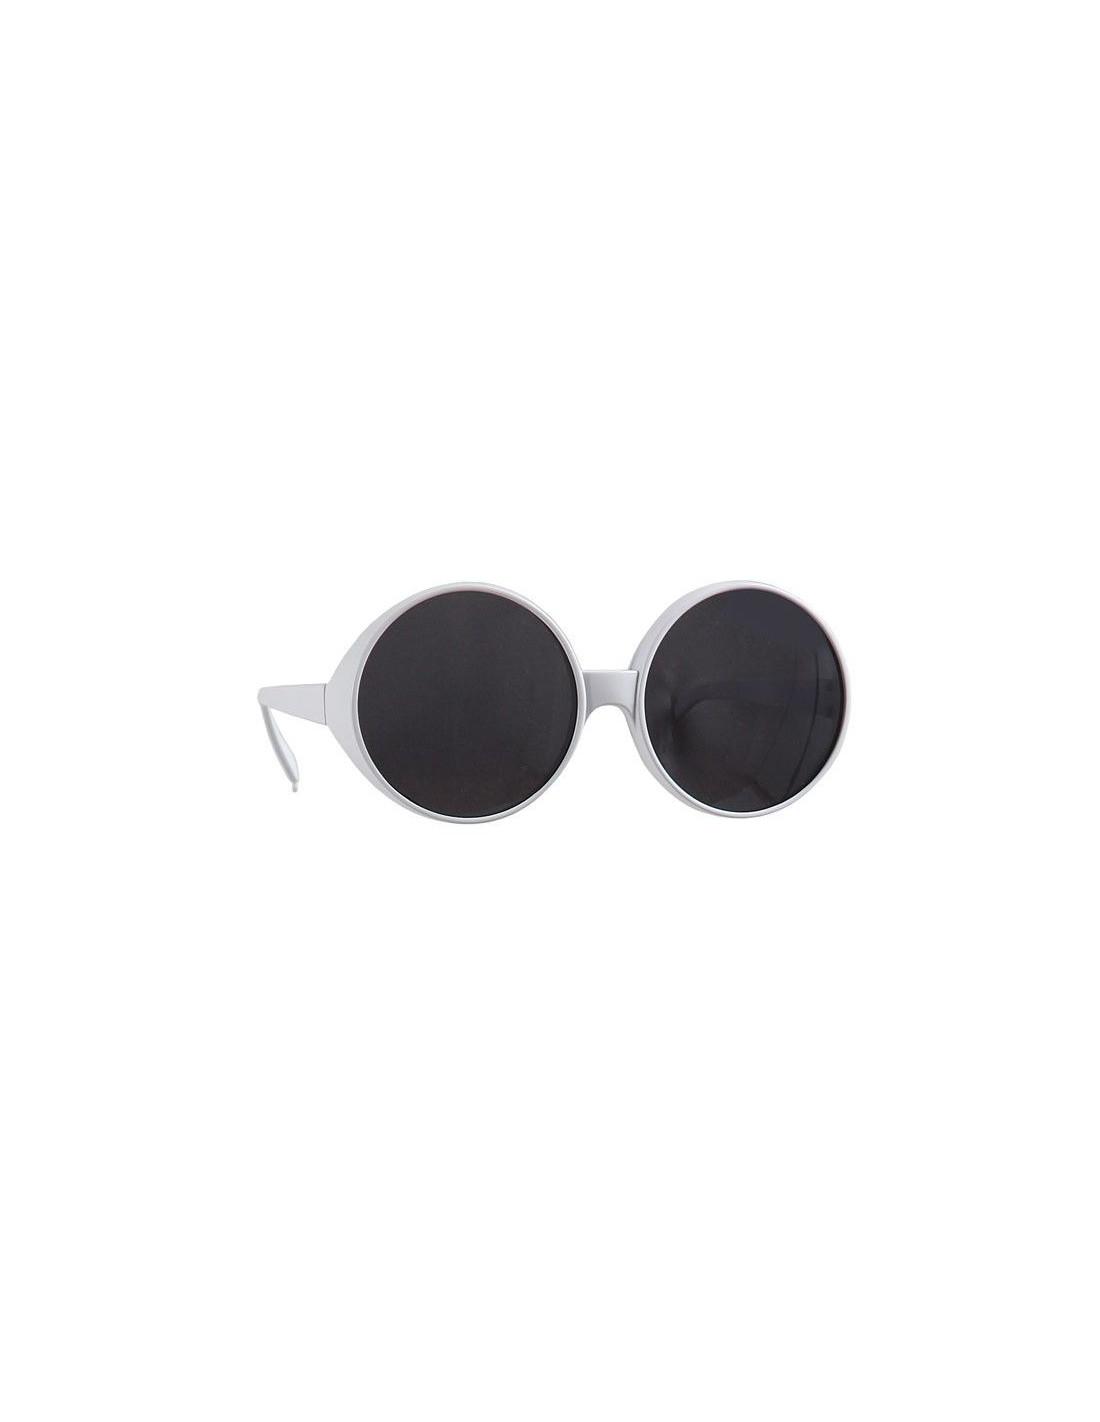 f3677747f Gafas para disfraz - Comprar Gafas para Disfraz en Disfraces Bacanal